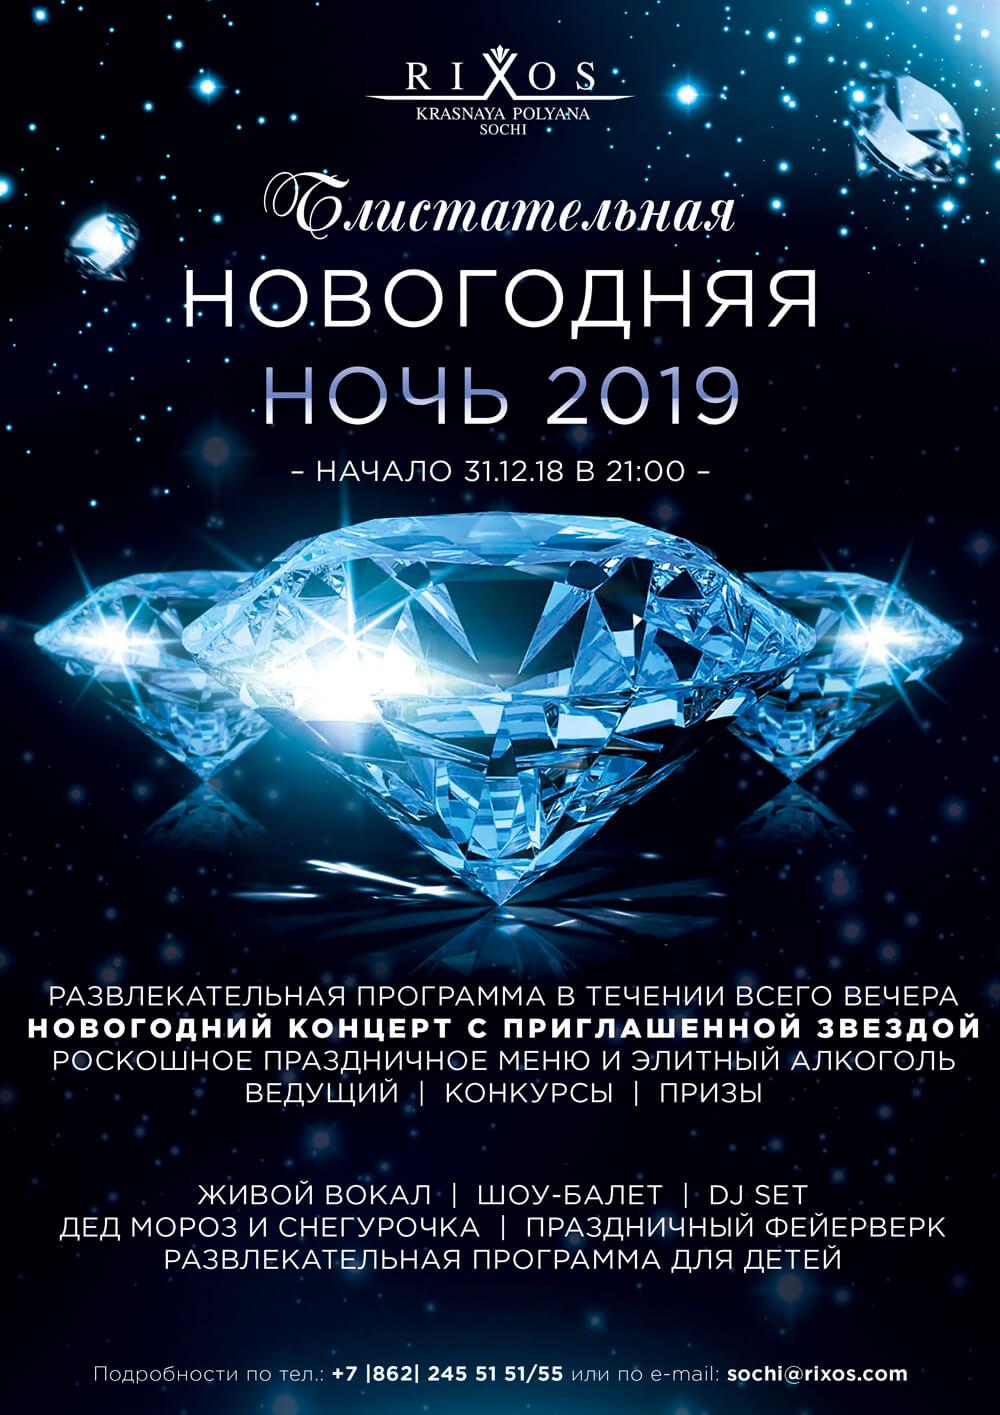 Программа на 31 декабря 2019 года в отеле Rixos Krasnaya Polyana